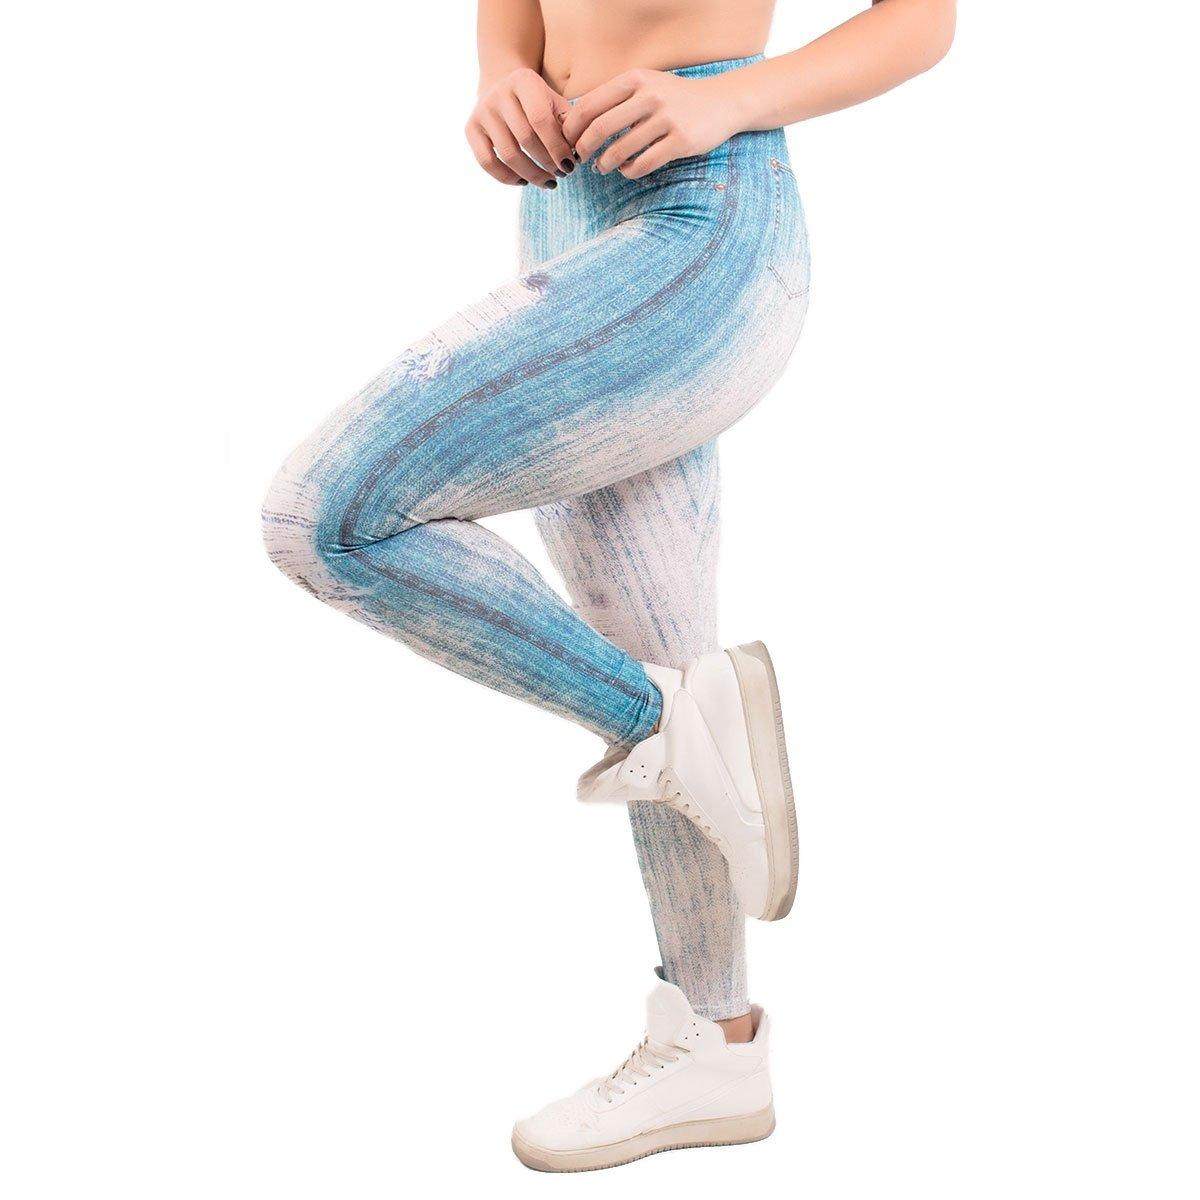 com Jeans Calça Calça Fake Claro legging Fake Azul Rasgo legging wHXwIxT